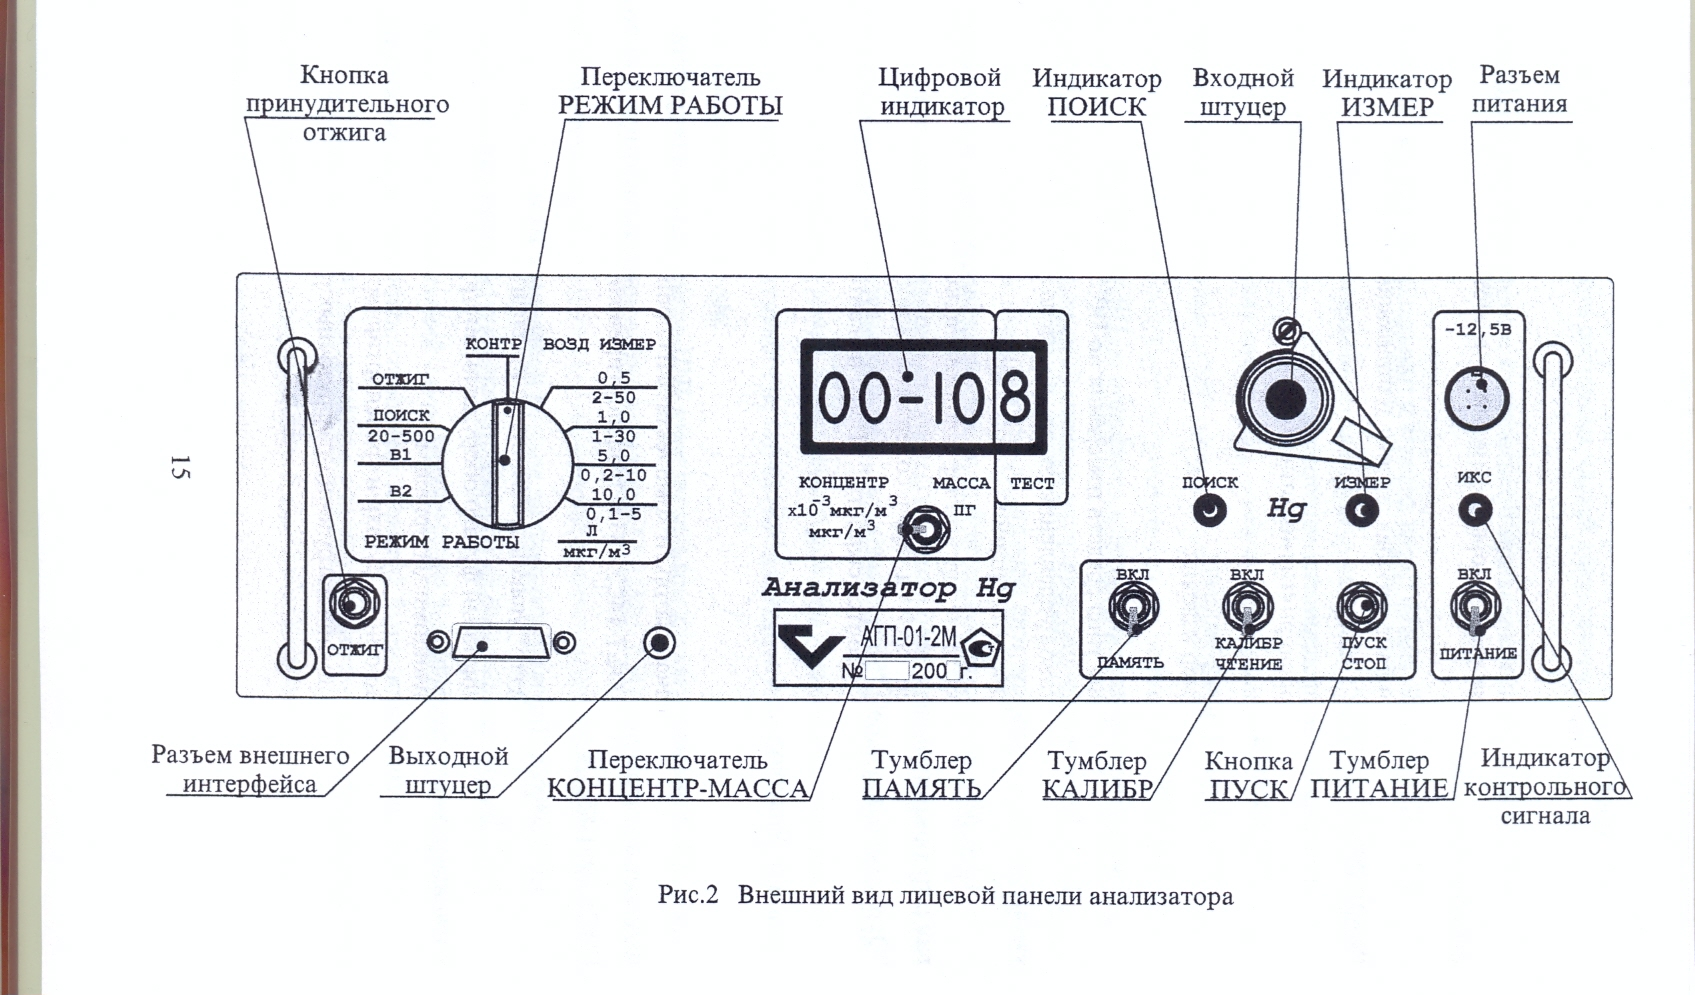 кабелеискателя схема